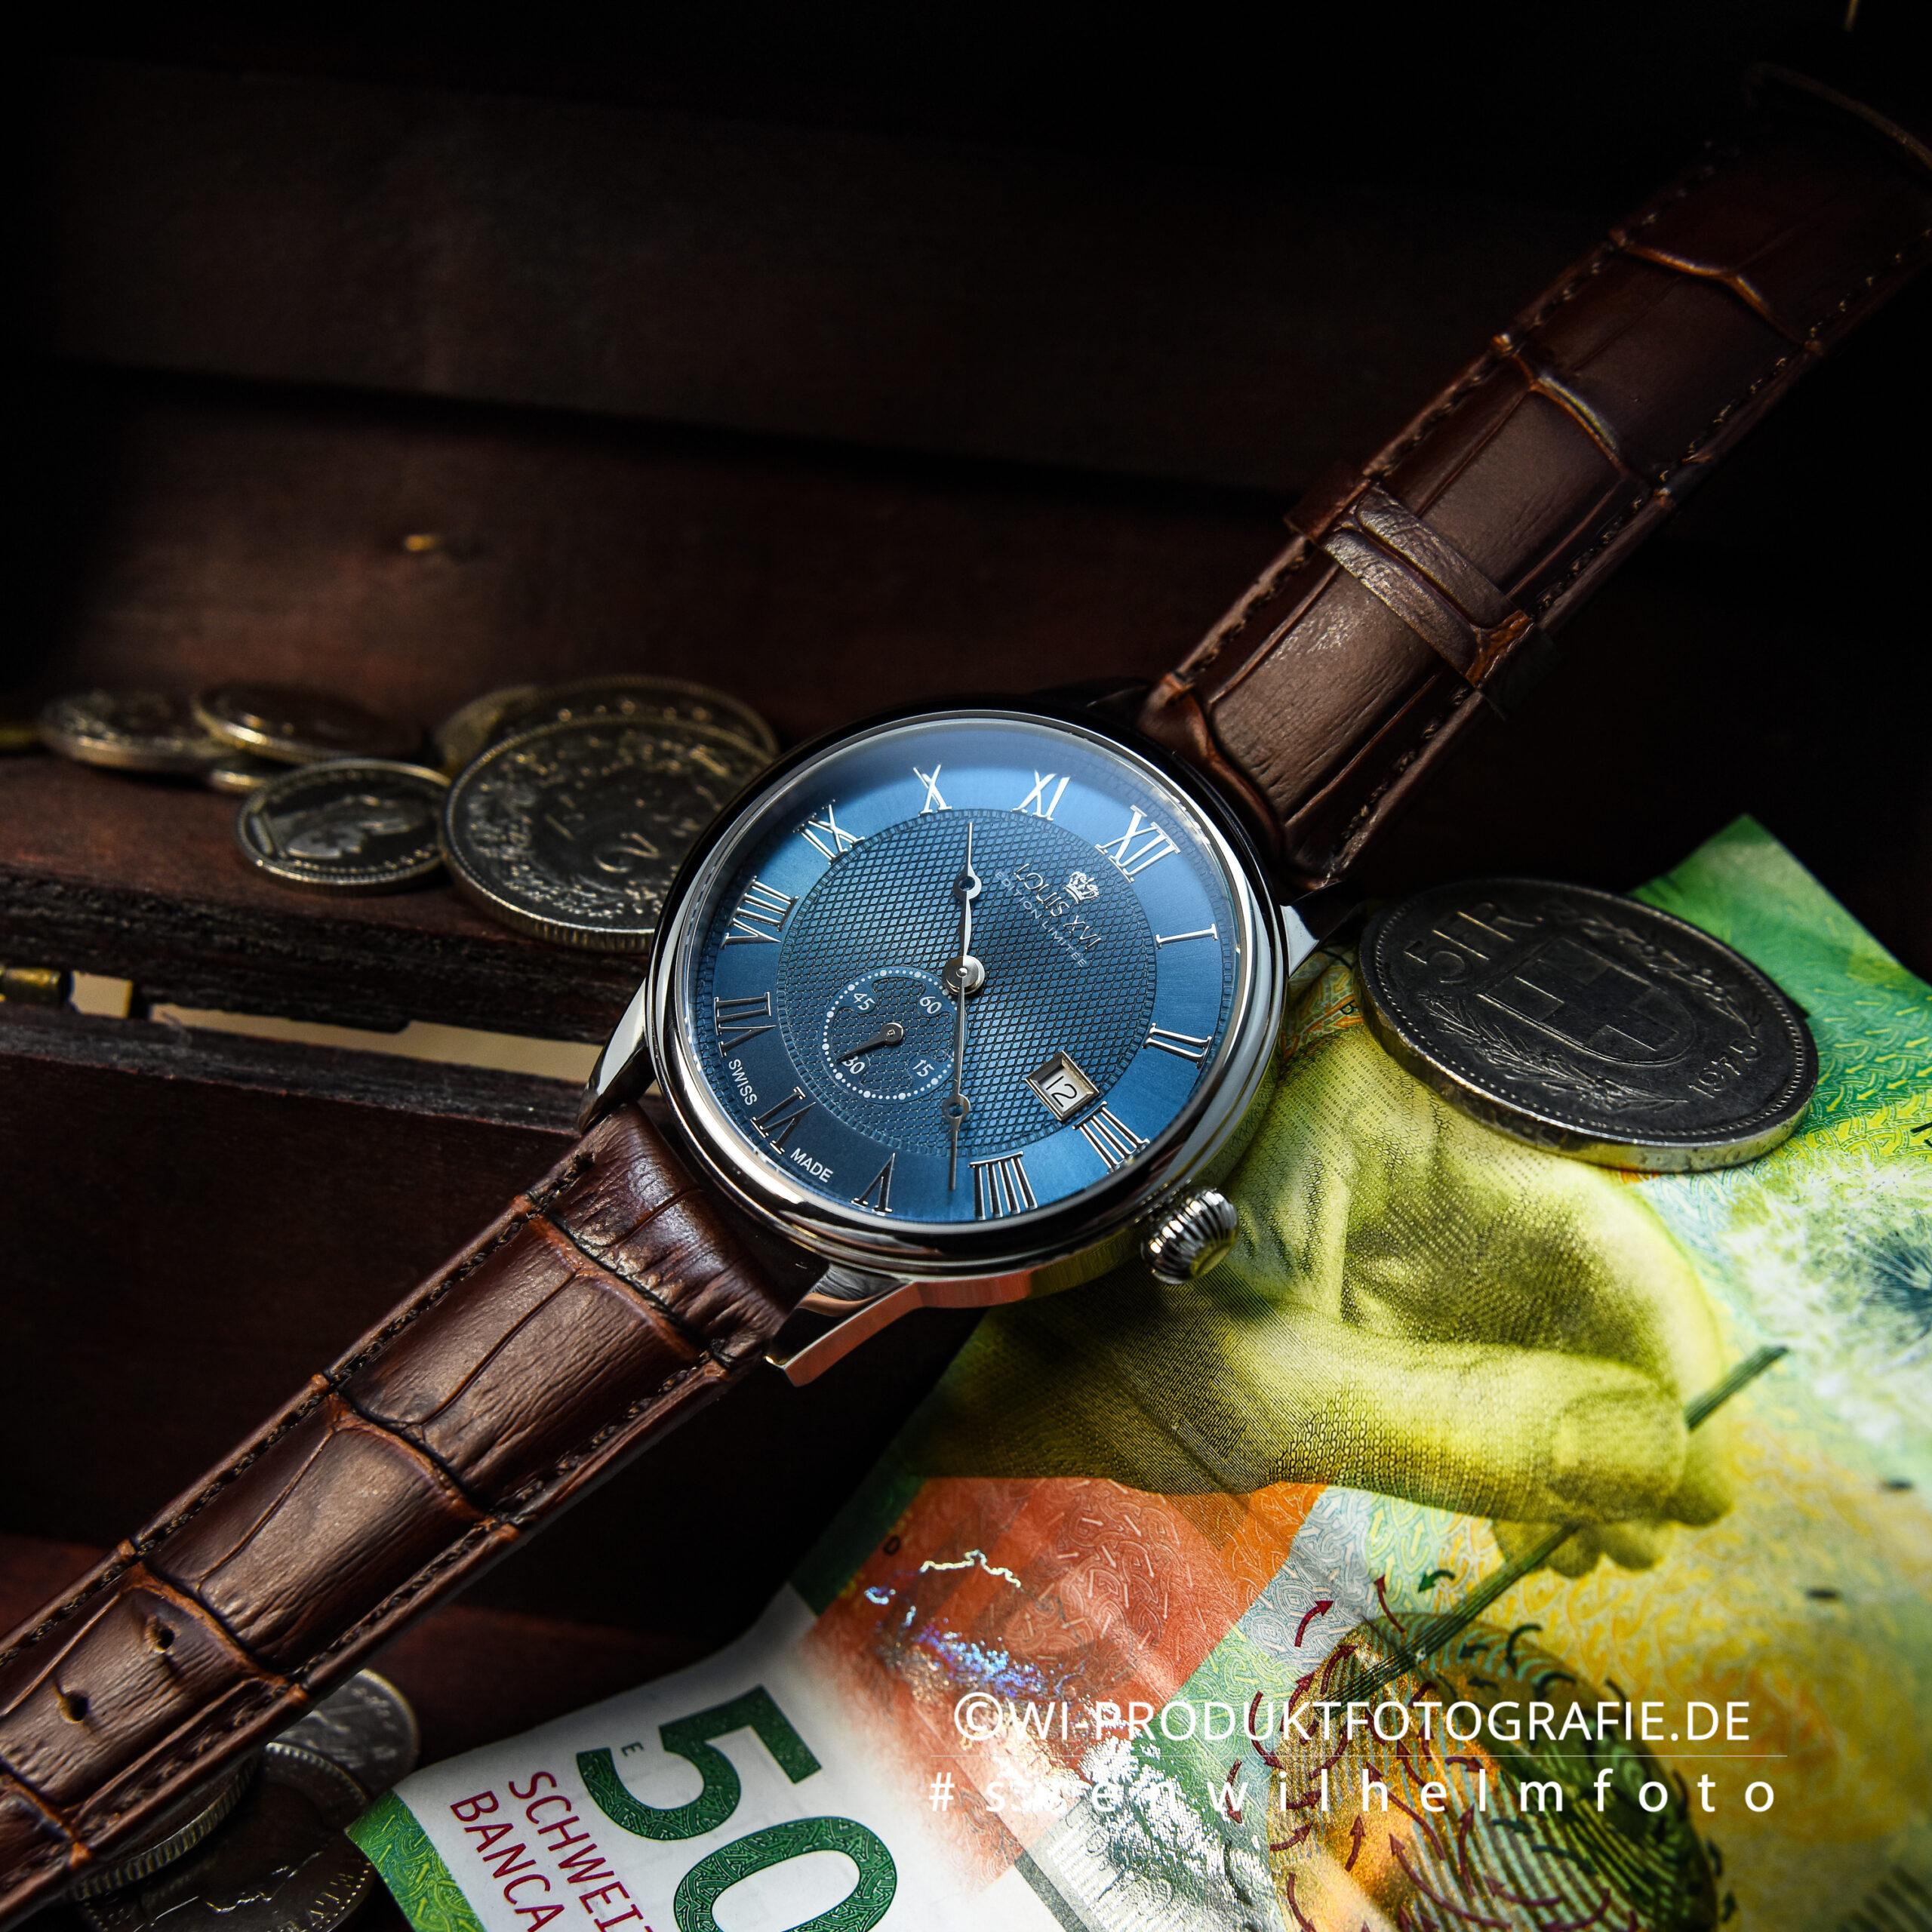 Uhrenfotograf LouisXVI Swiss made Uhren Fotograf Uhrenfotografie Professioneller Fotograf Uhren